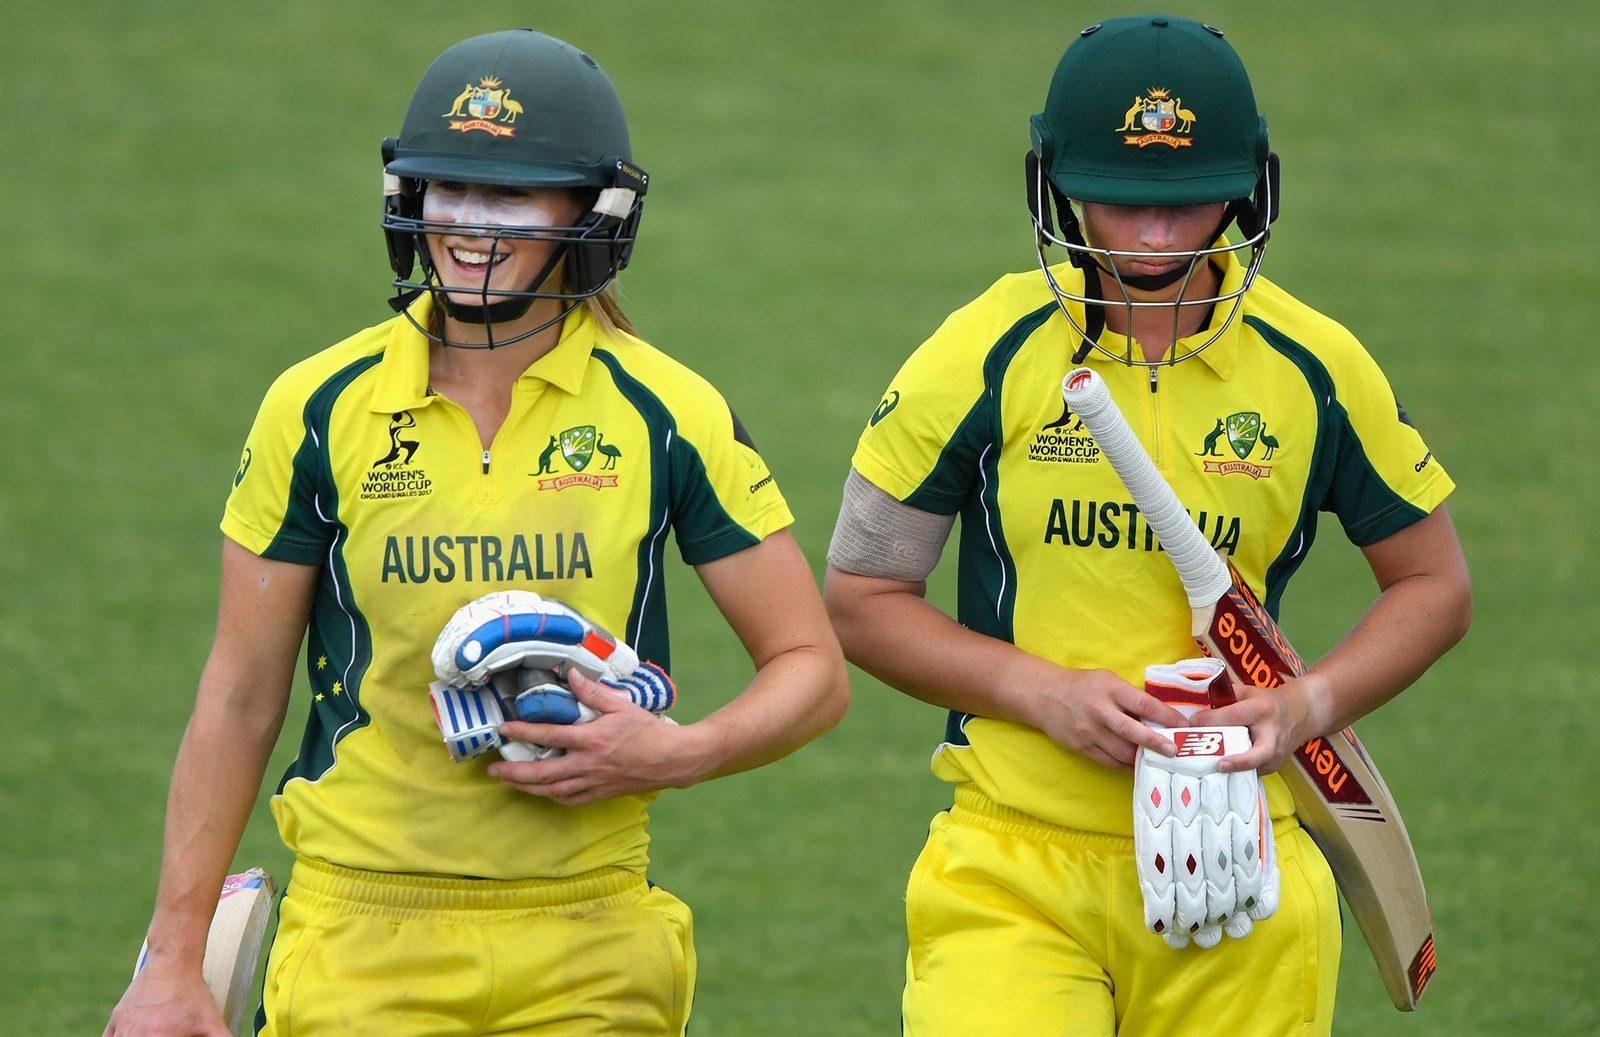 महिला आईपीएल में ऑस्ट्रेलियाई खिलाड़ियों को जगह न देने पर क्रिकेट ऑस्ट्रेलिया ने लगाया बीसीसीआई पर ये आरोप